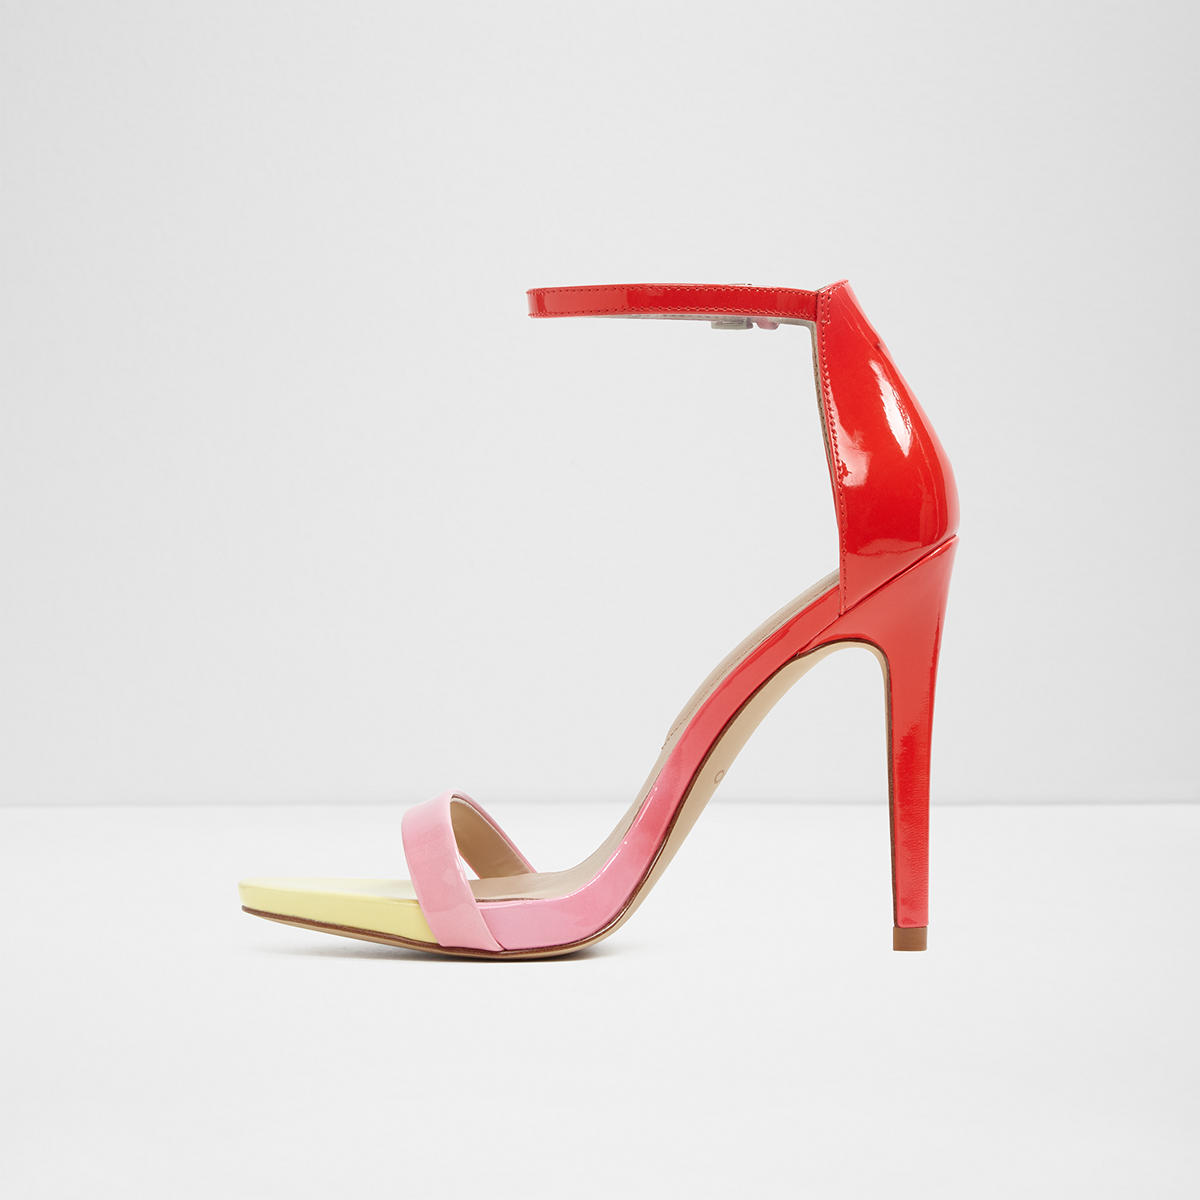 4a8cf719d14 Caraa Pink Misc. Women s Dress heels